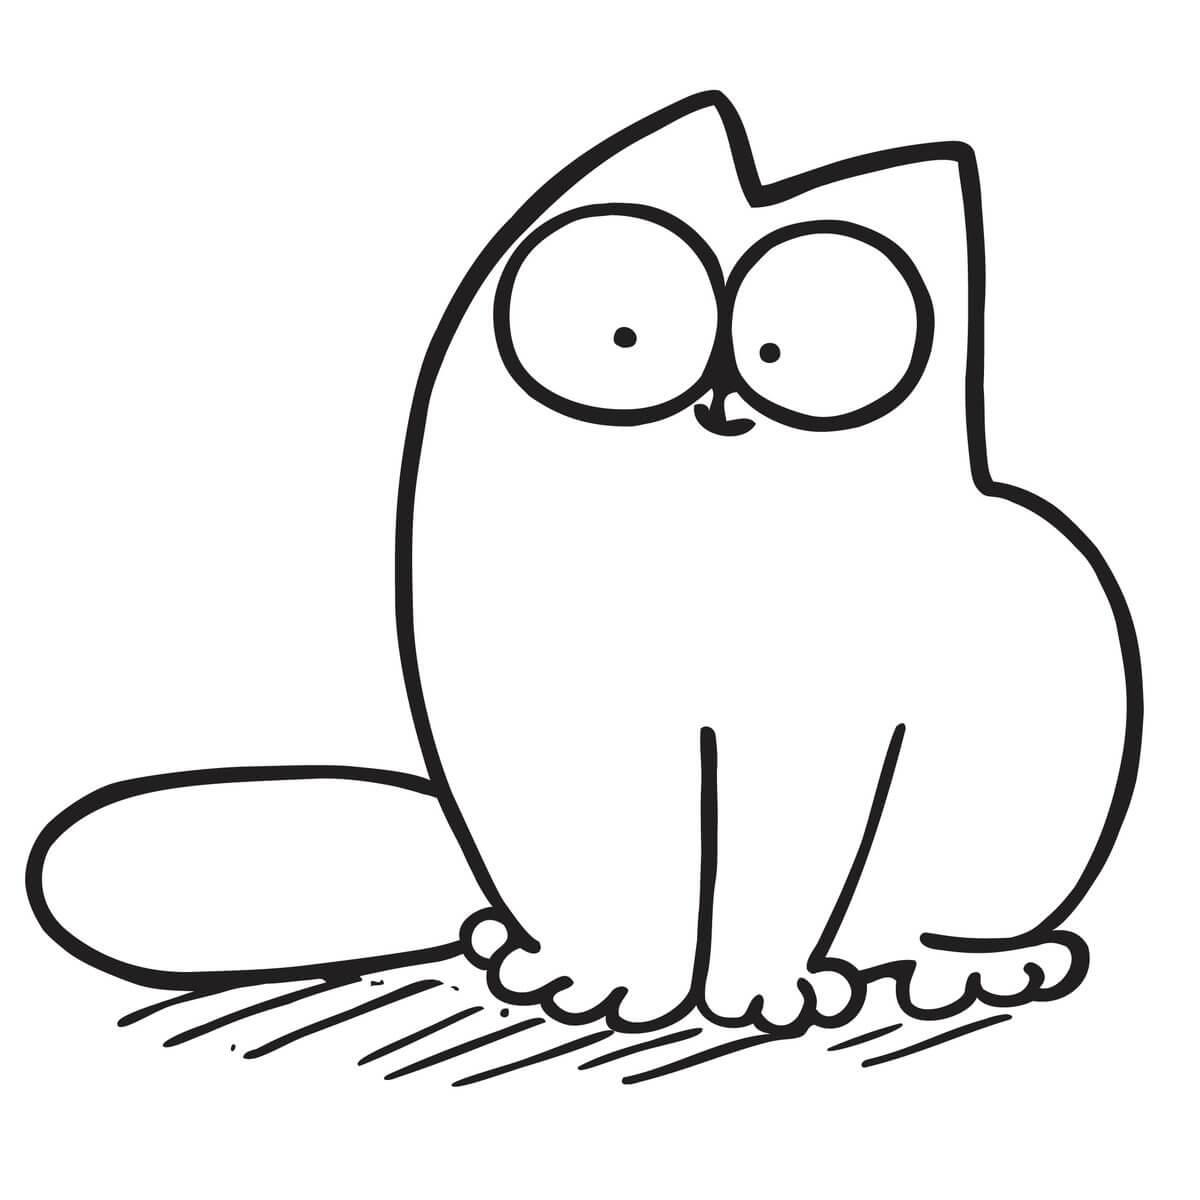 Скачать бесплатно черно-белые картинки для срисовки - сборка (27 штук) 22